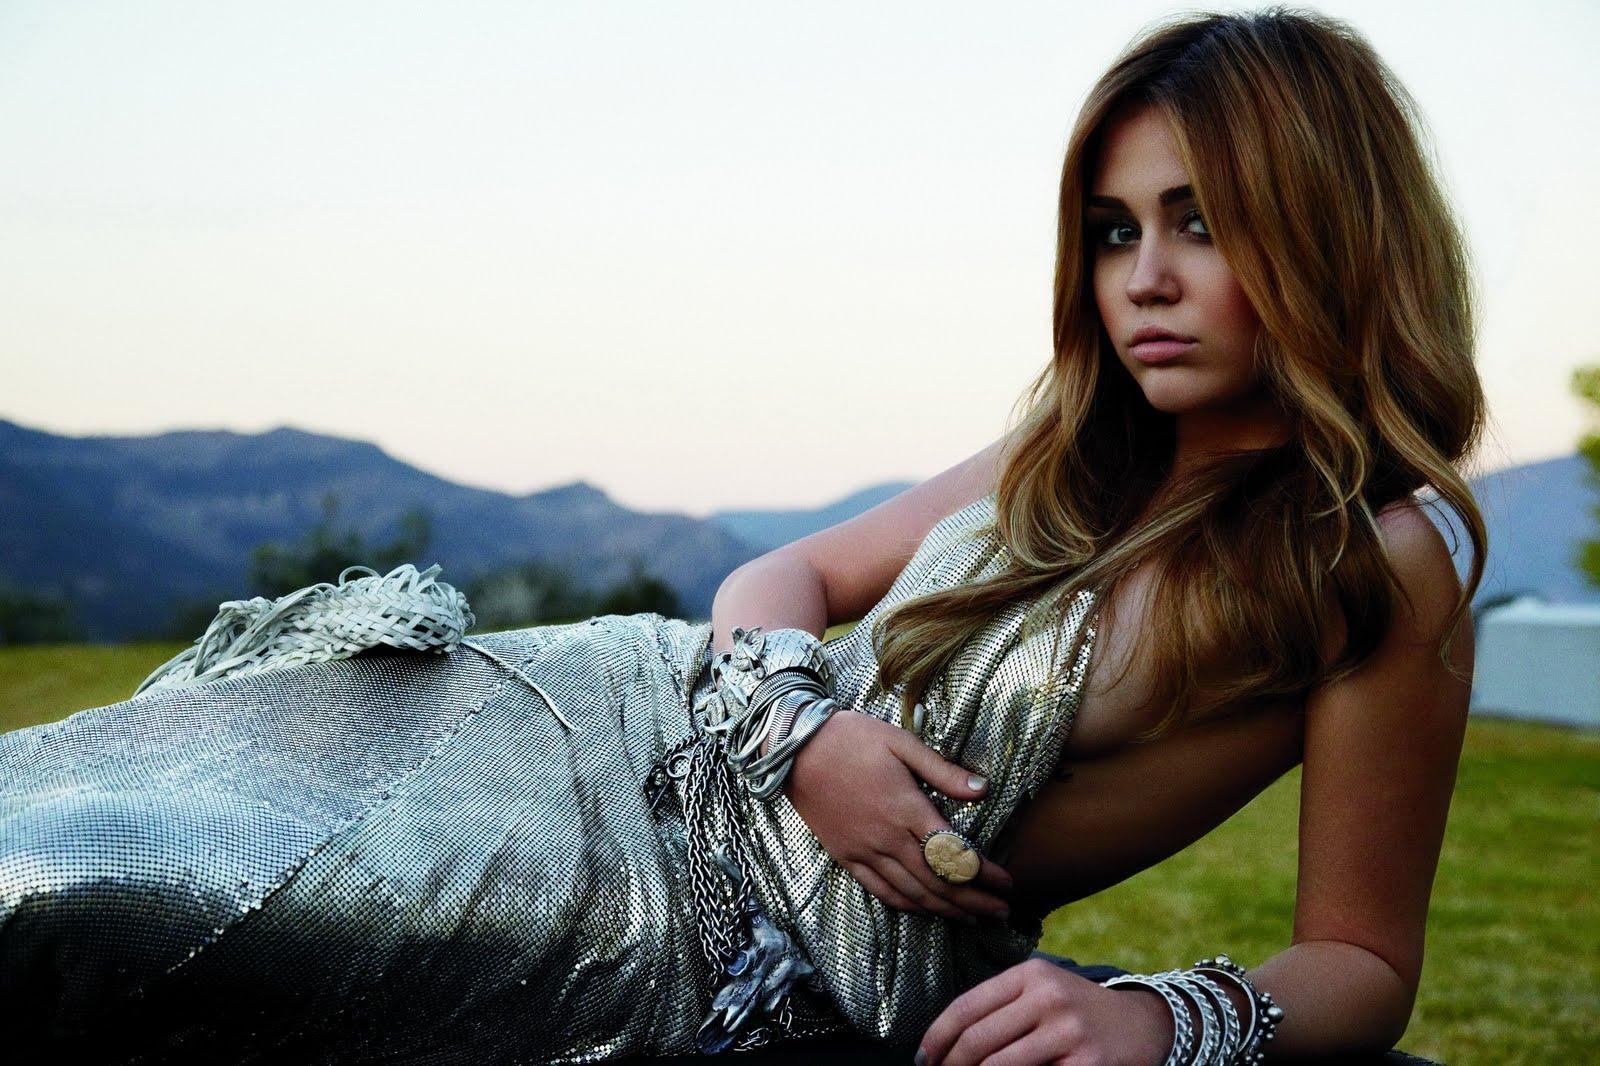 http://1.bp.blogspot.com/-FqjKlnohs8E/TWi8ElWAg2I/AAAAAAAAIAk/Y9oJwHK9YvA/s1600/Miley-Cyrus-27.jpg